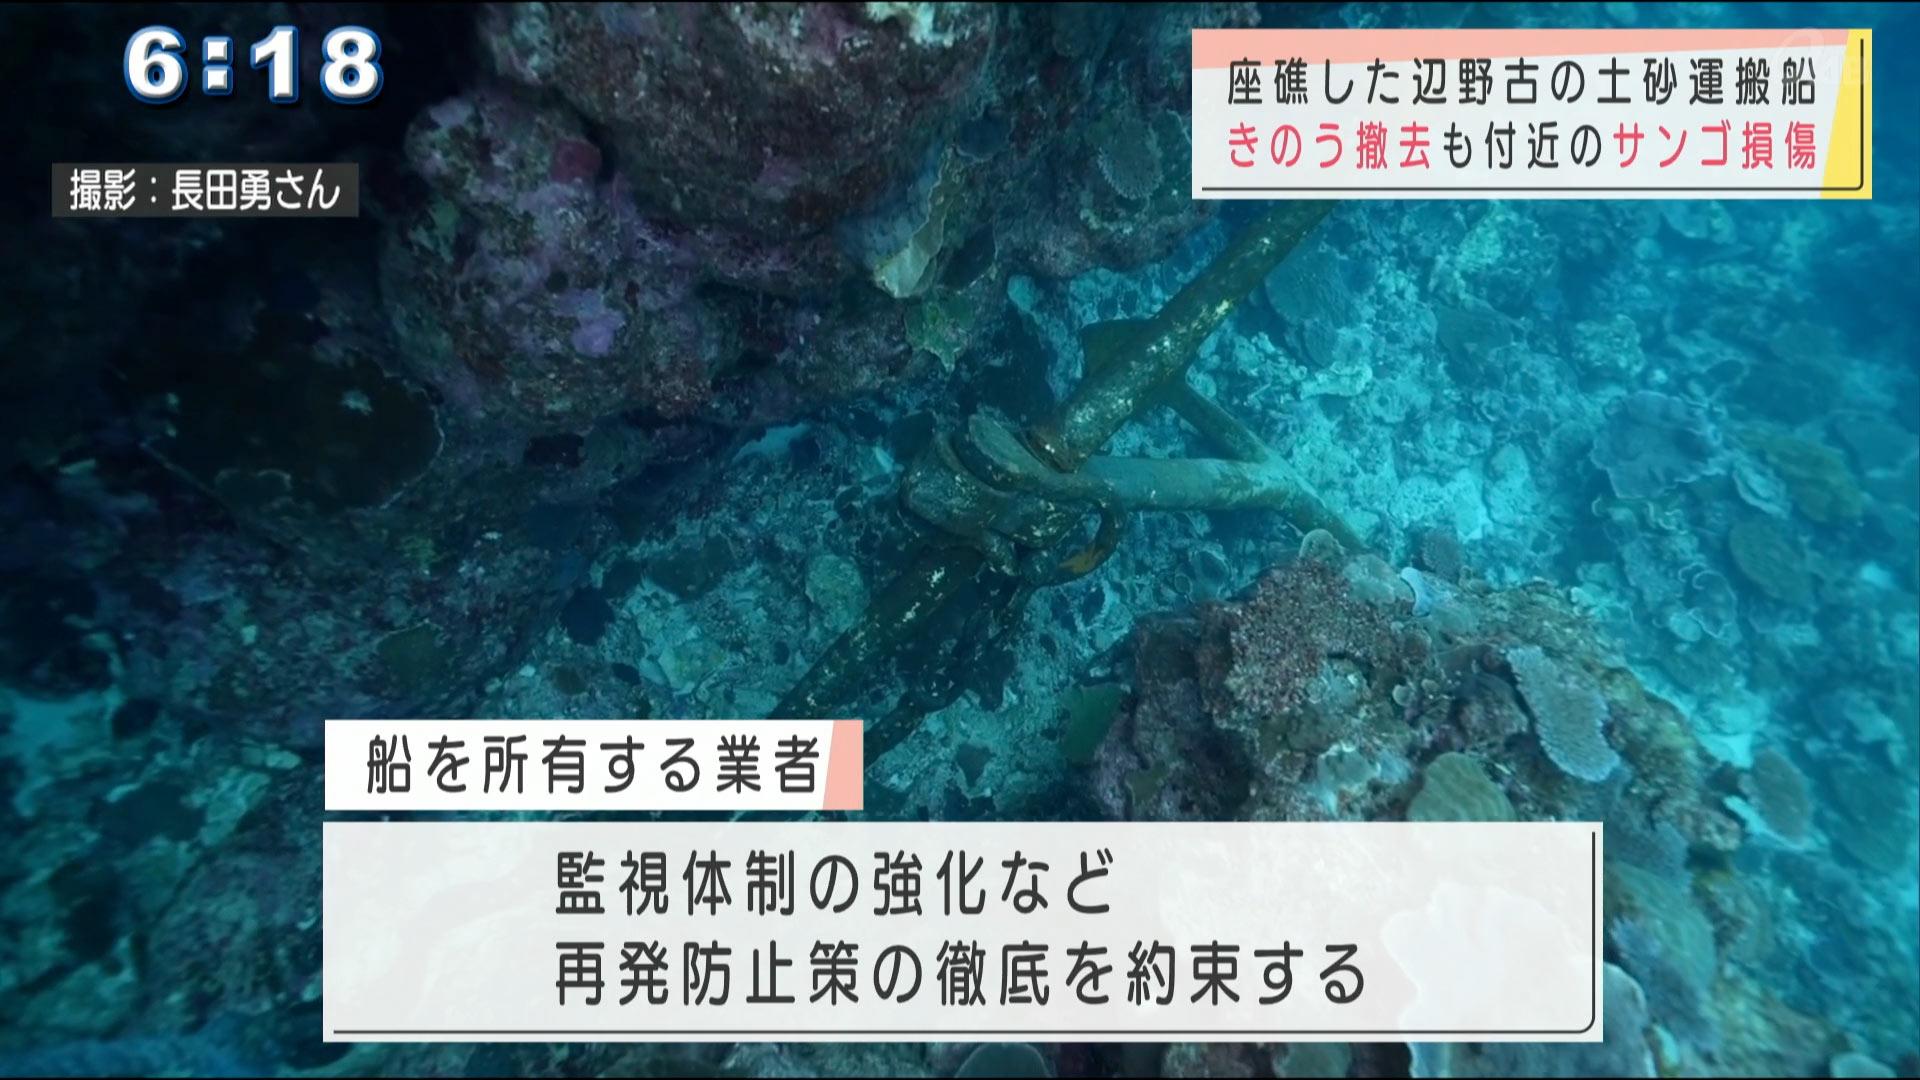 辺野古新基地の作業船を撤去